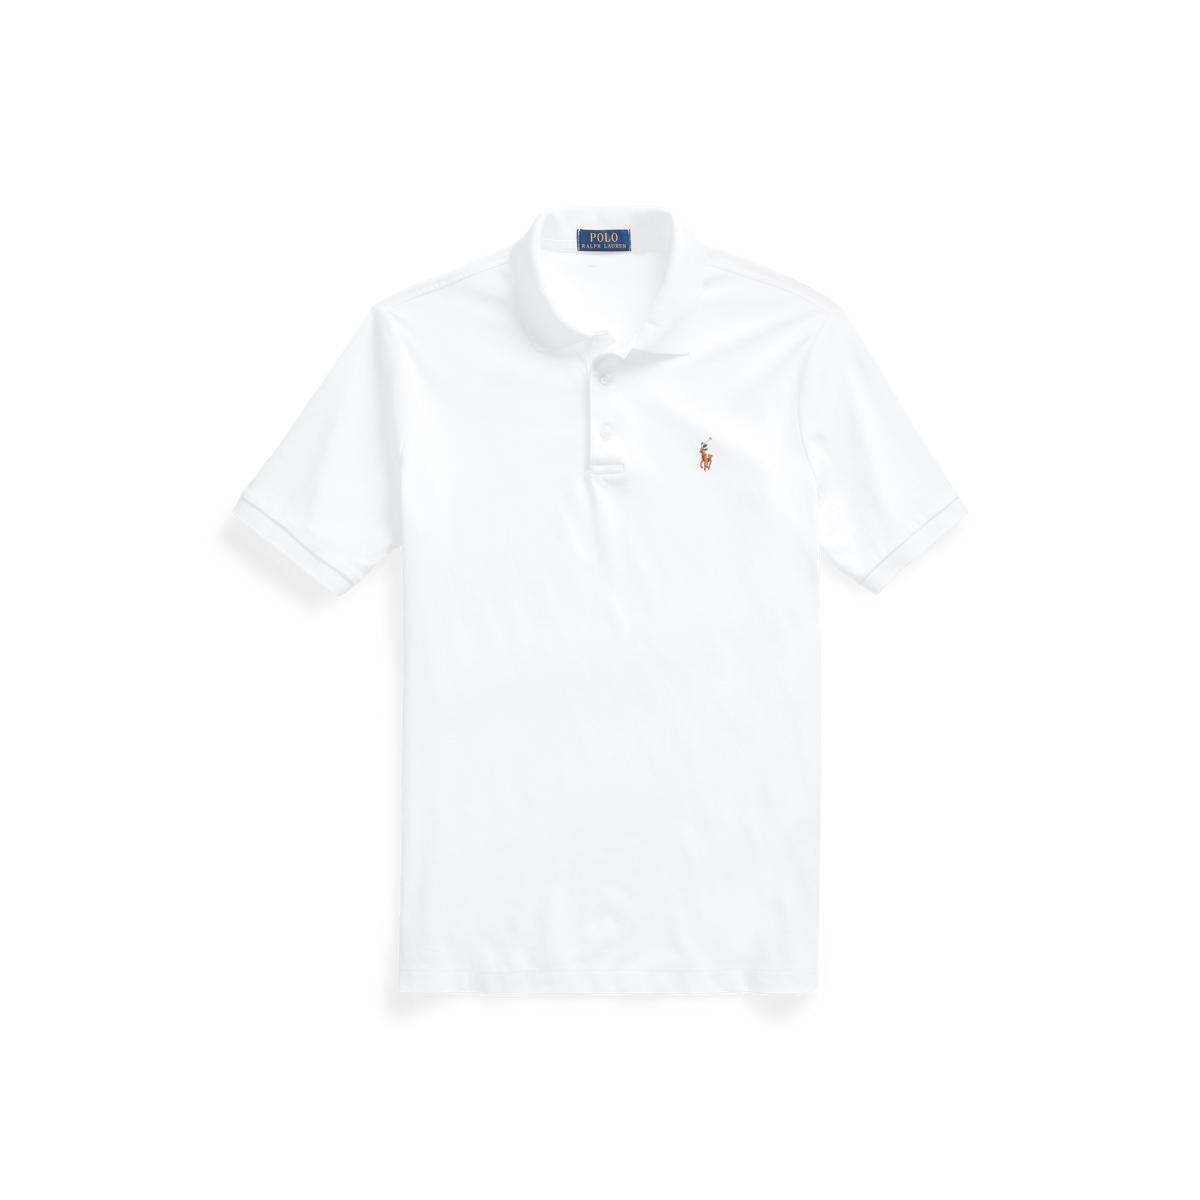 Men's Classic Fit Soft Cotton Polo Shirt | Ralph Lauren